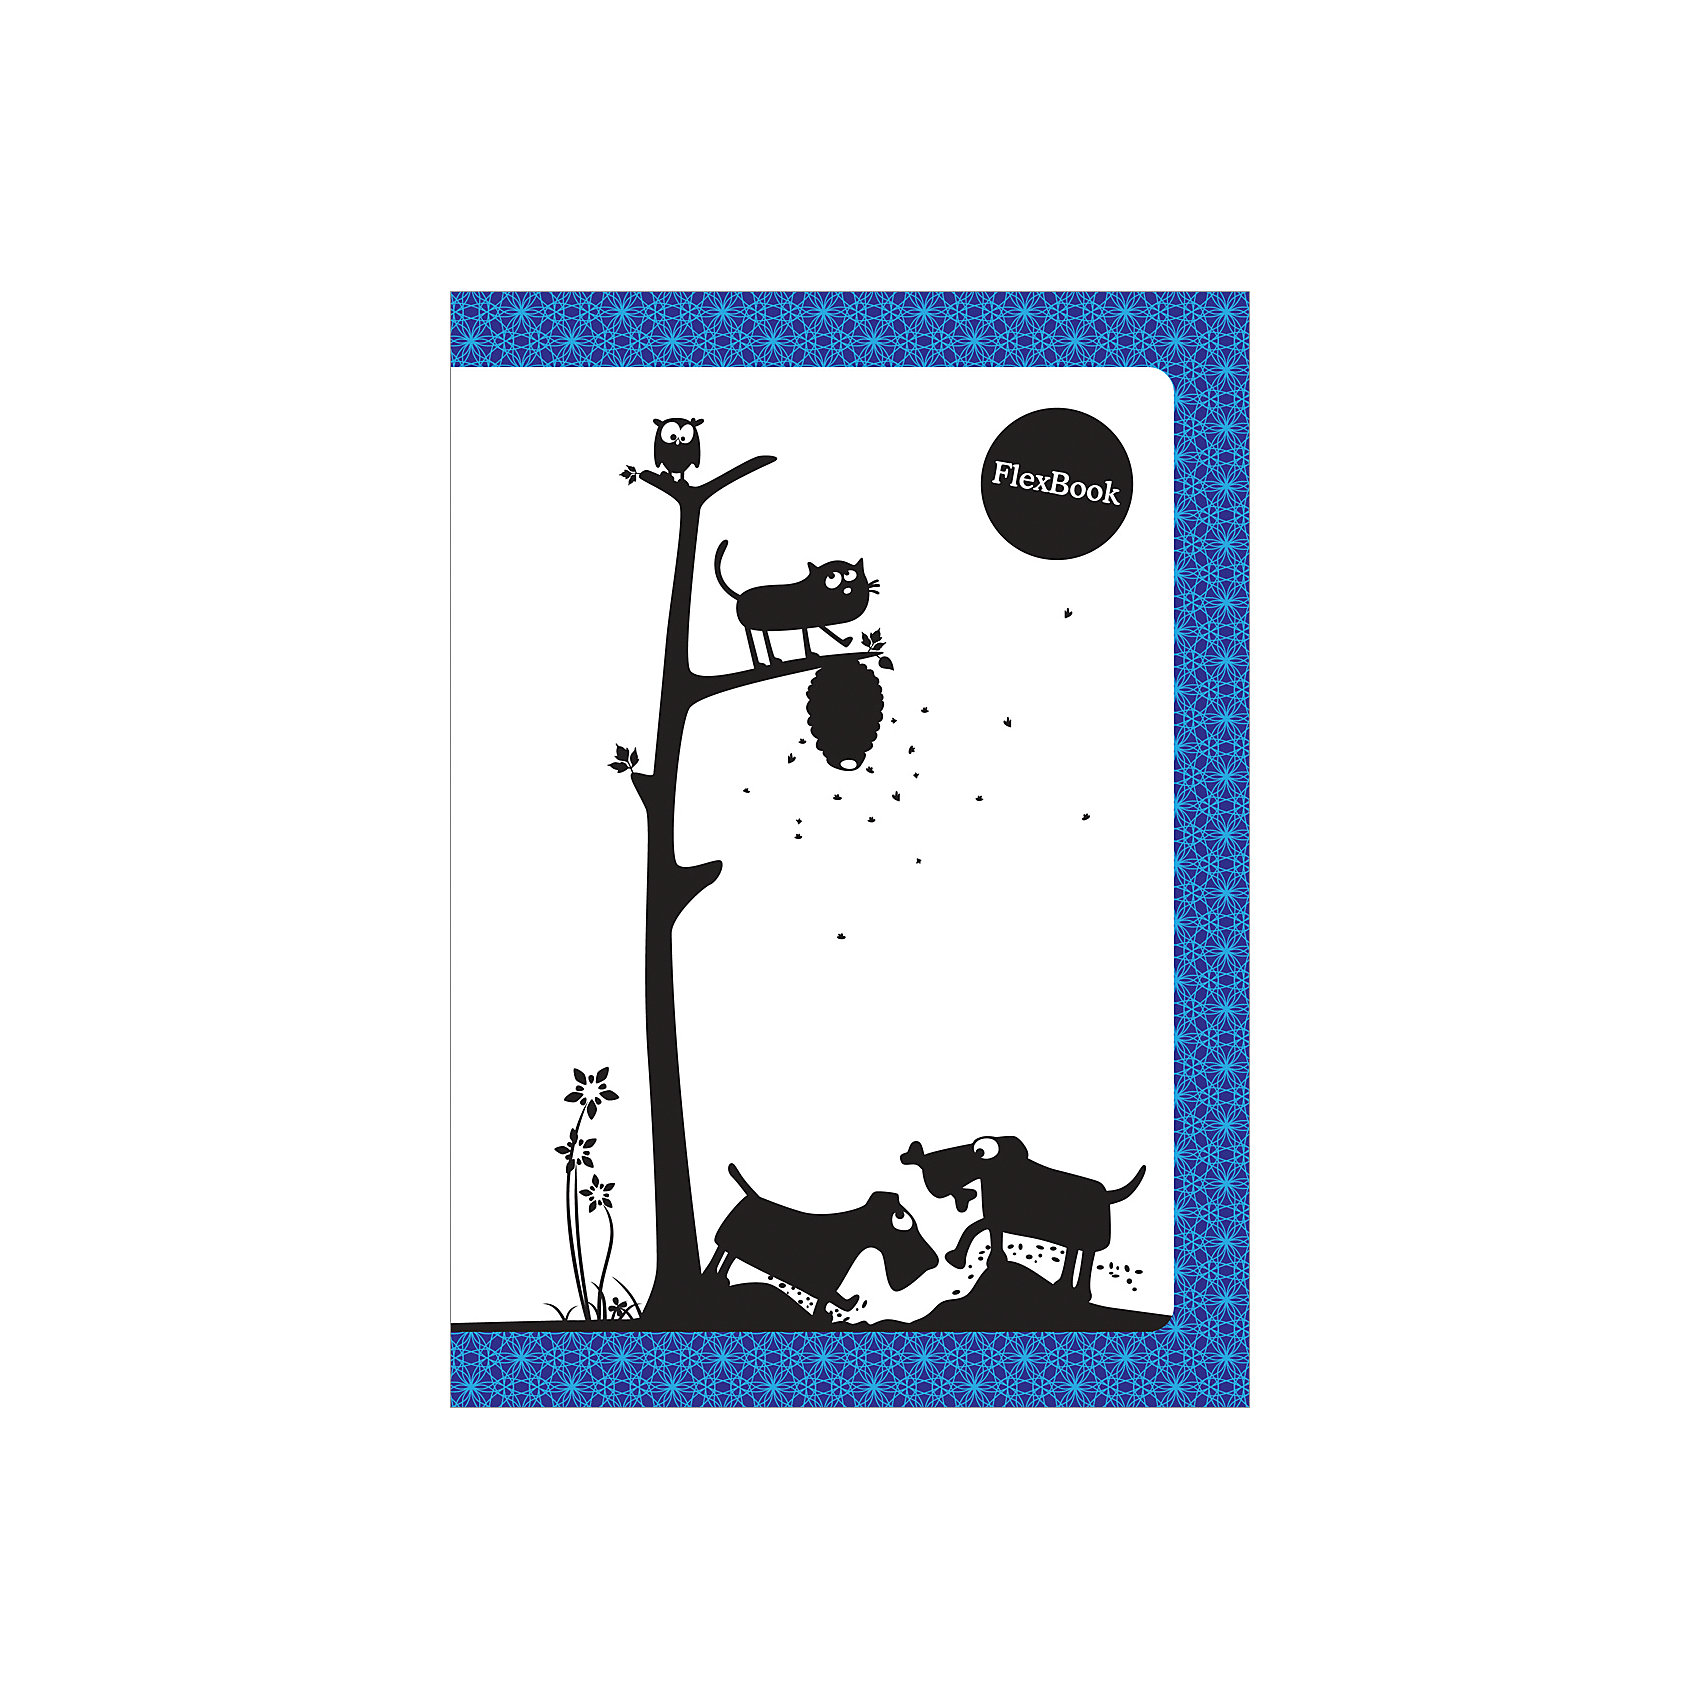 Тетрадь А5 60листов Flex Book Animals синБумажная продукция<br>Тетрадь Flex Book с дизайнами Animals выполнена по инновационной технологии переплета, основанная на японской технологии Seihon, позволяет разворачивать тетрадь на 360 градусов. Формат тетради А5, внутренний блок тетради 60 листов в клетку. Мелованная картонная обложка увеличивает срок службы тетради. Flex Book идеально подходит для левшей. Сгибается, скручивается и складывается не ломаясь.<br><br>Ширина мм: 210<br>Глубина мм: 145<br>Высота мм: 5<br>Вес г: 144<br>Возраст от месяцев: 84<br>Возраст до месяцев: 2147483647<br>Пол: Унисекс<br>Возраст: Детский<br>SKU: 7029922